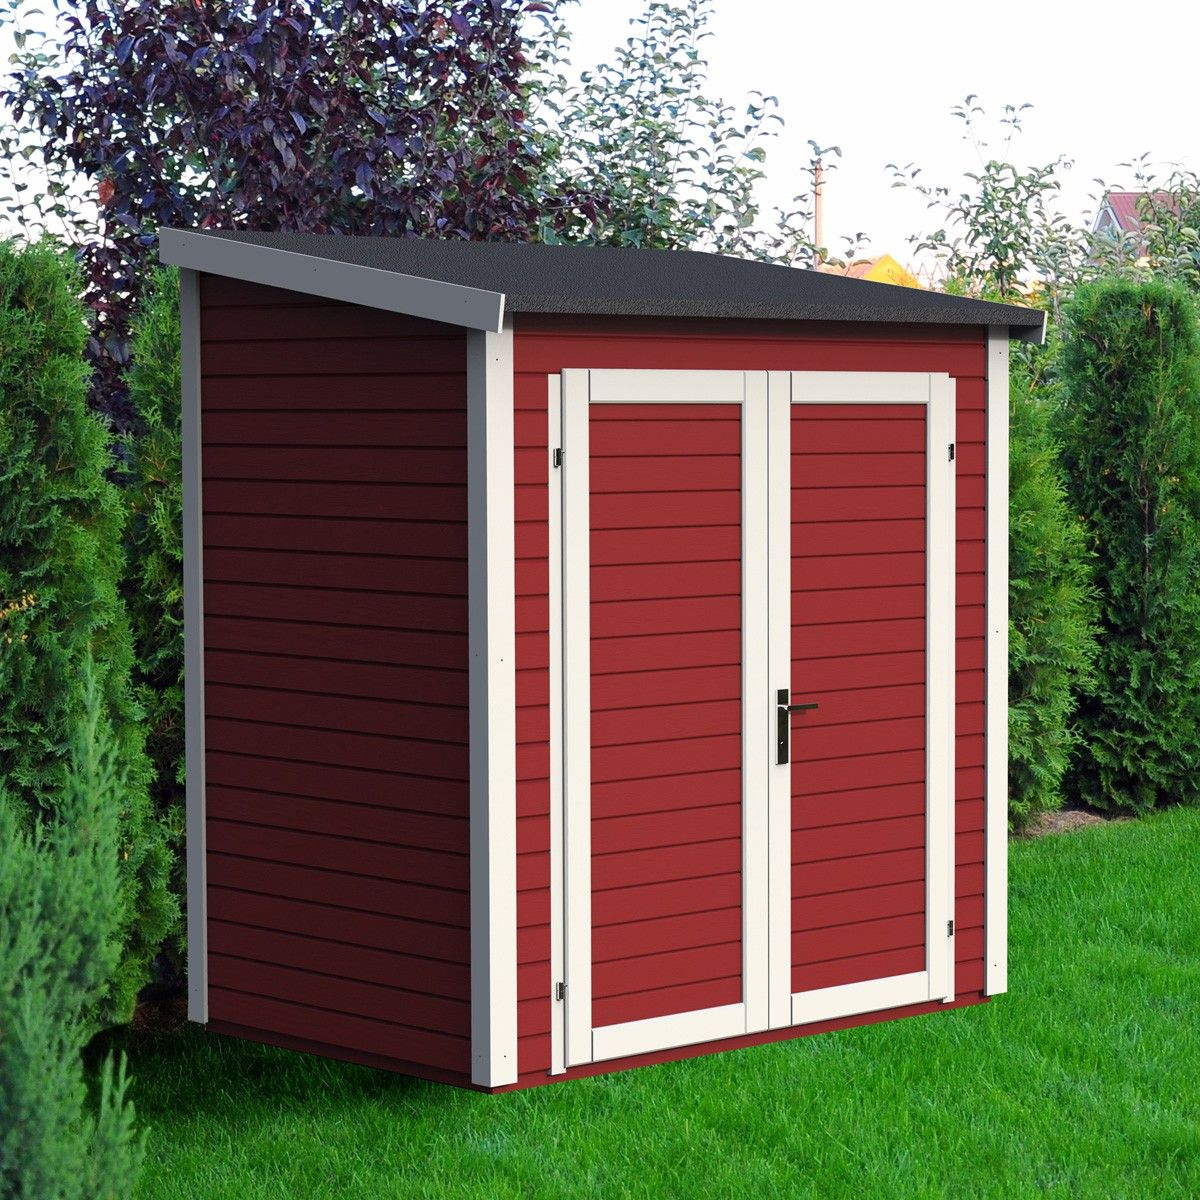 free abri de jardin skur x x coloris rouge lekingstore prix with abri de jardin 1 pente adossable. Black Bedroom Furniture Sets. Home Design Ideas